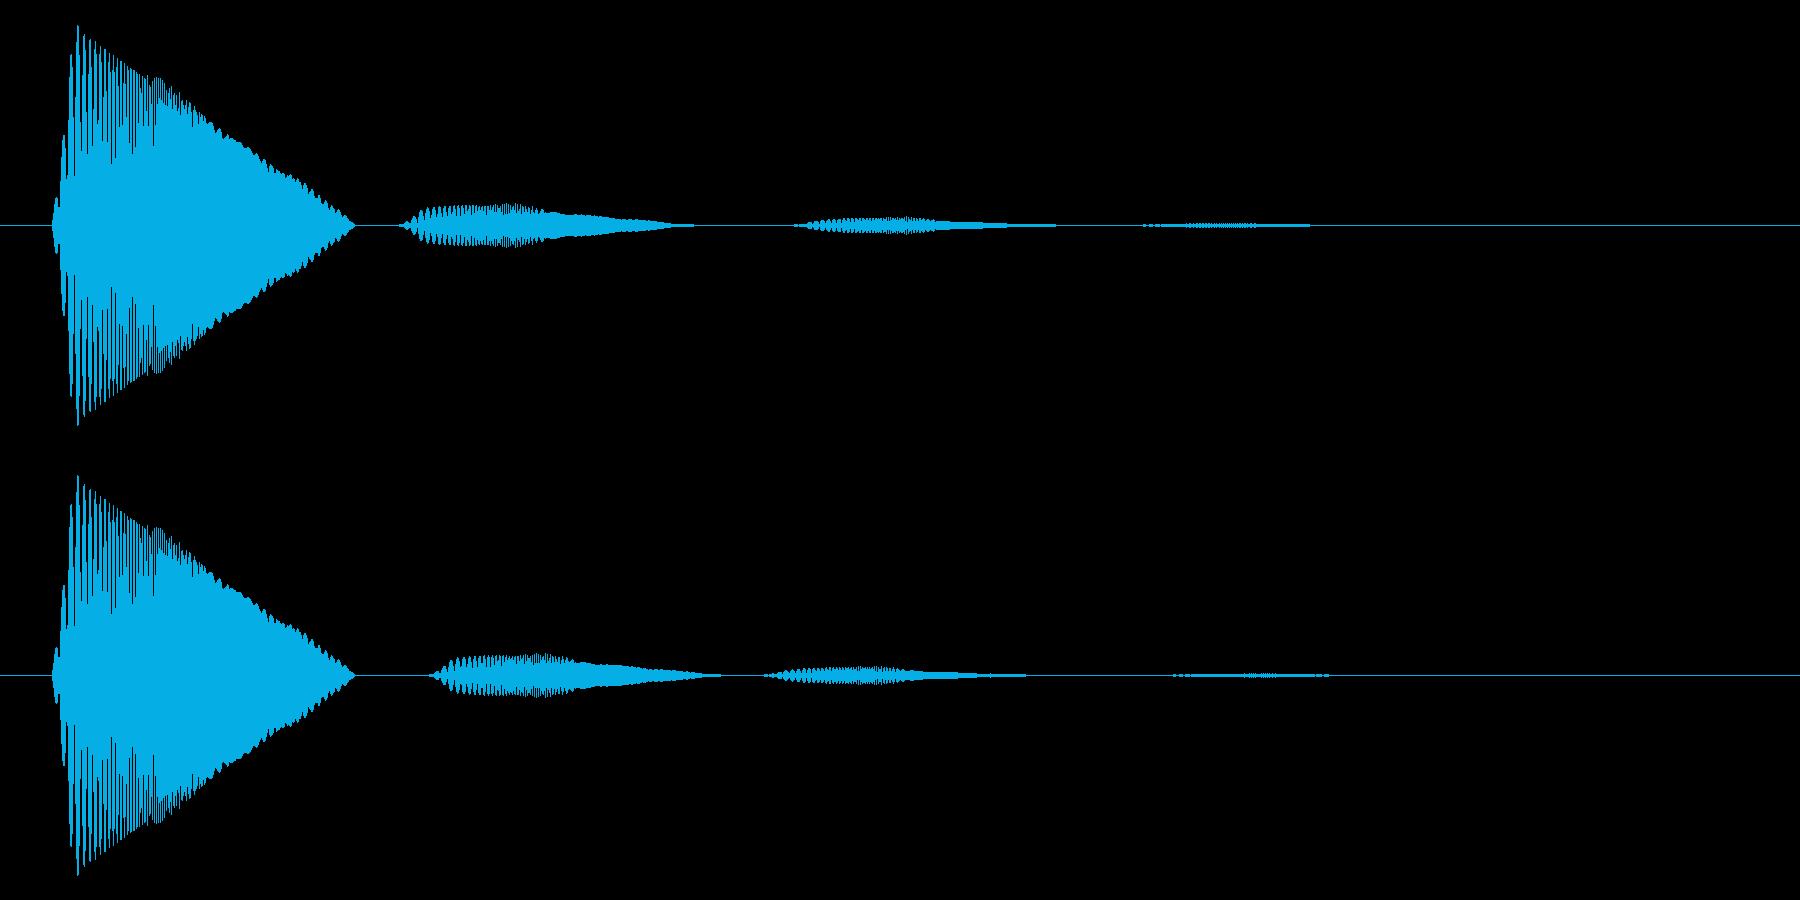 カーソル移動音10の再生済みの波形